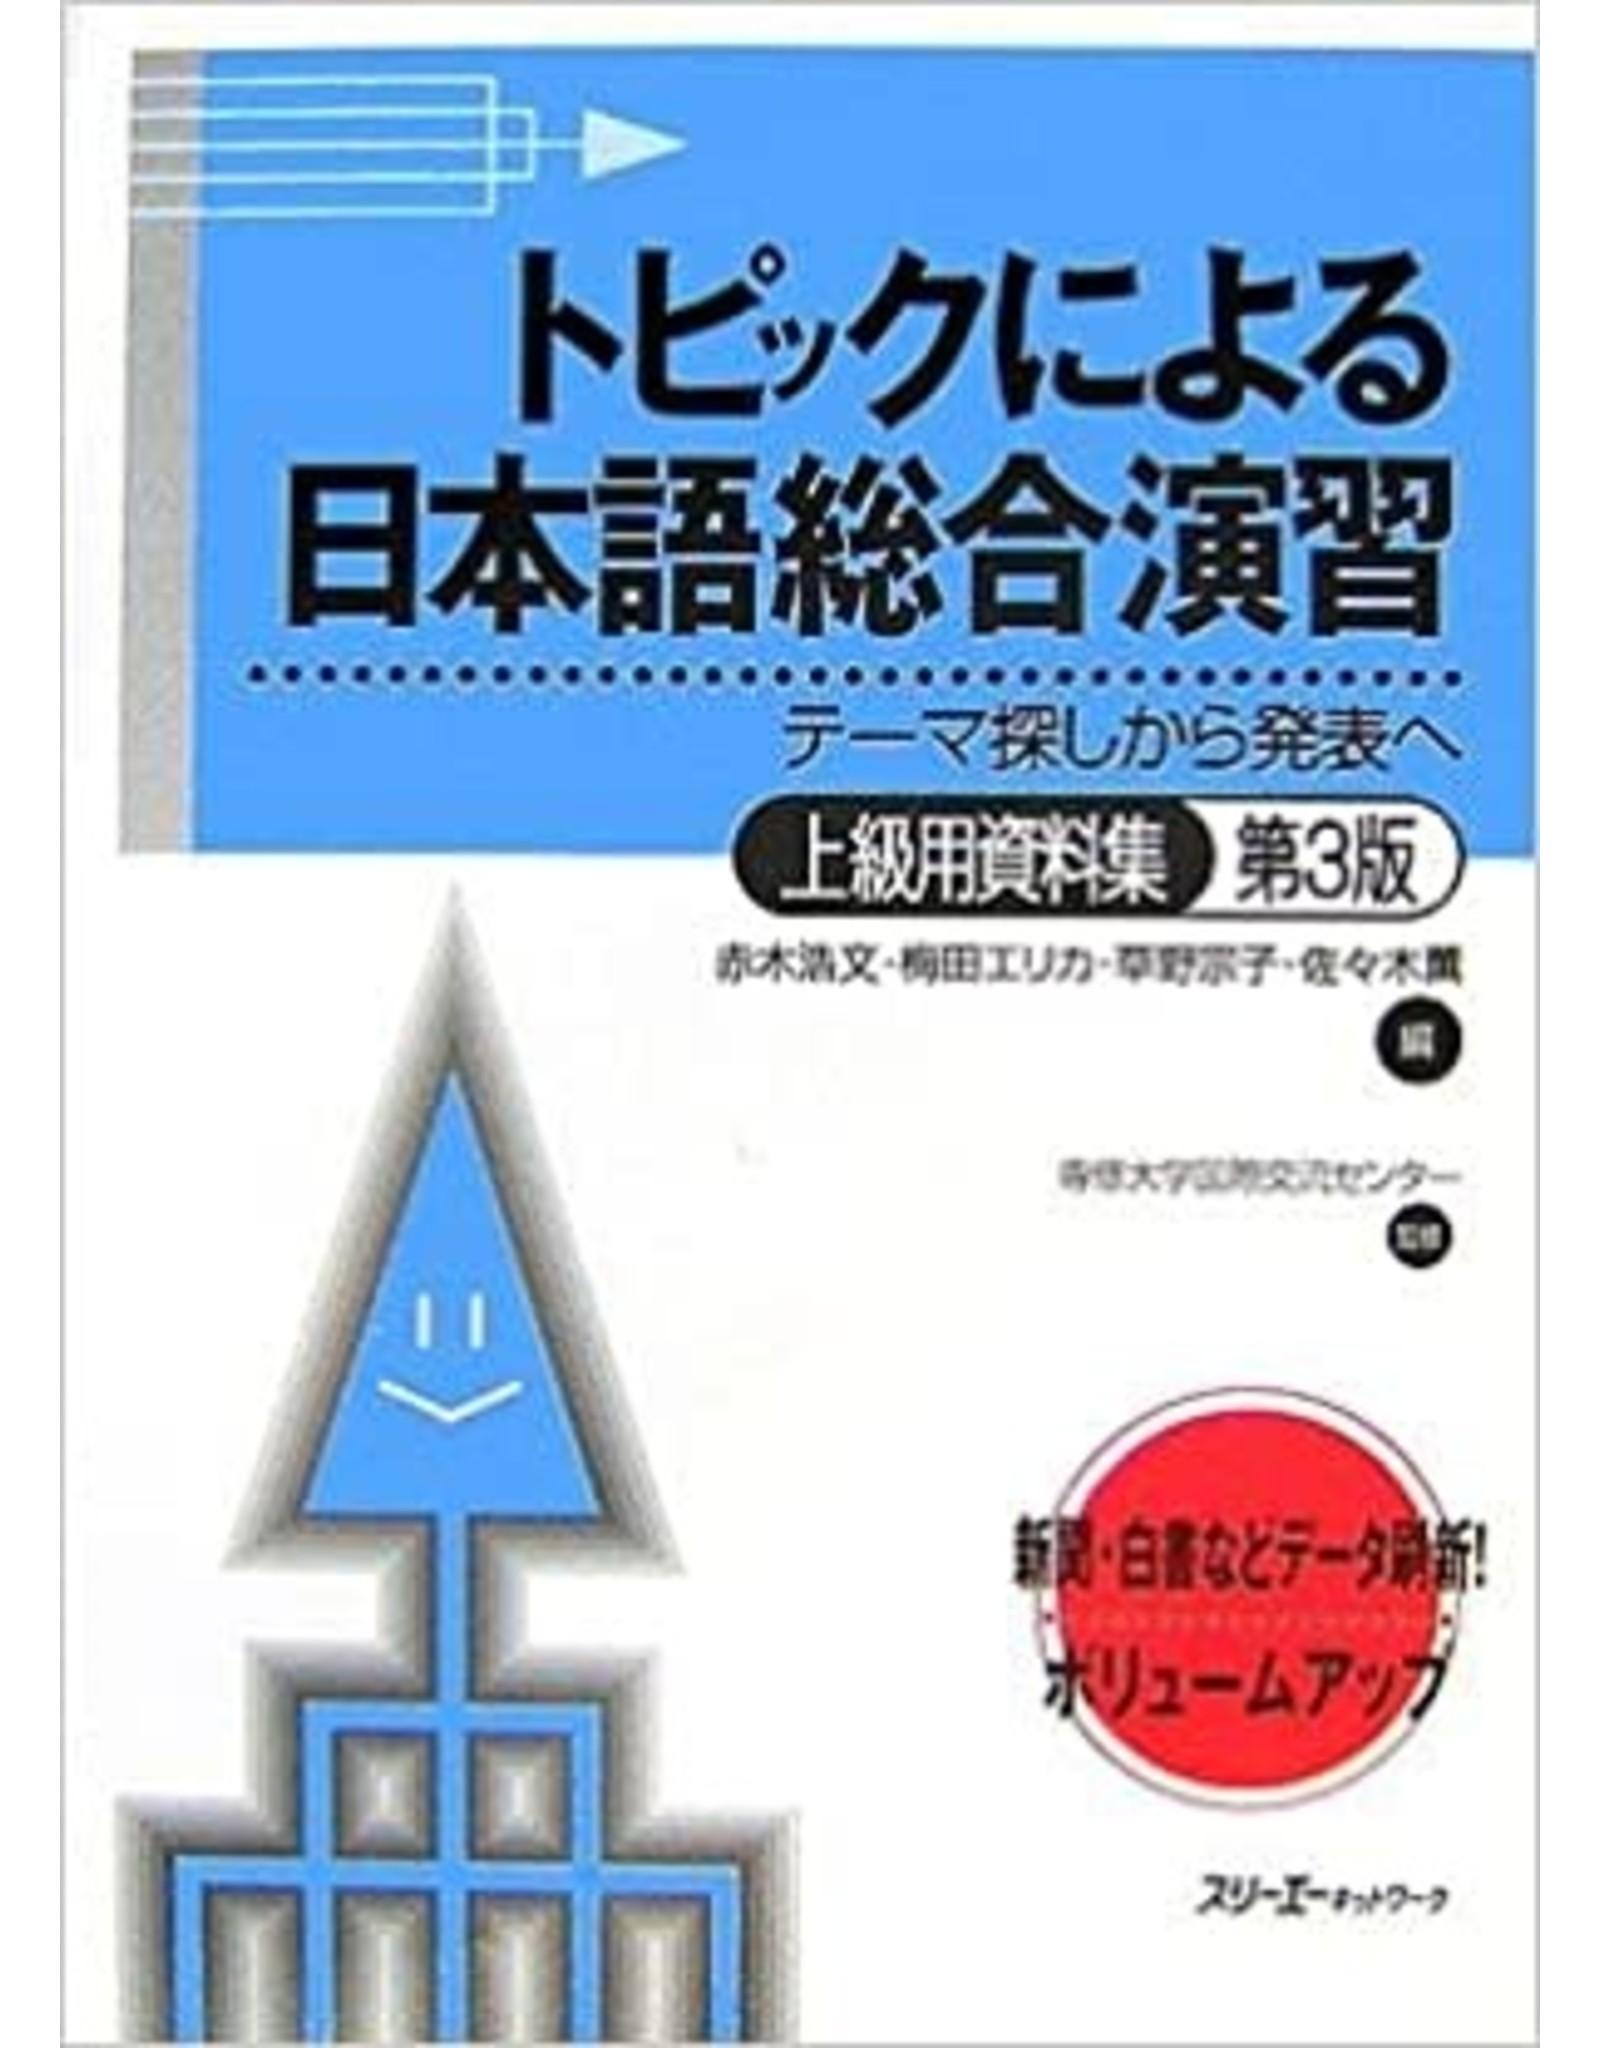 3A Corporation TOPIC NI YORU NIHONGO SOGO ENSHU JOJYUYO SHIRYOSHU